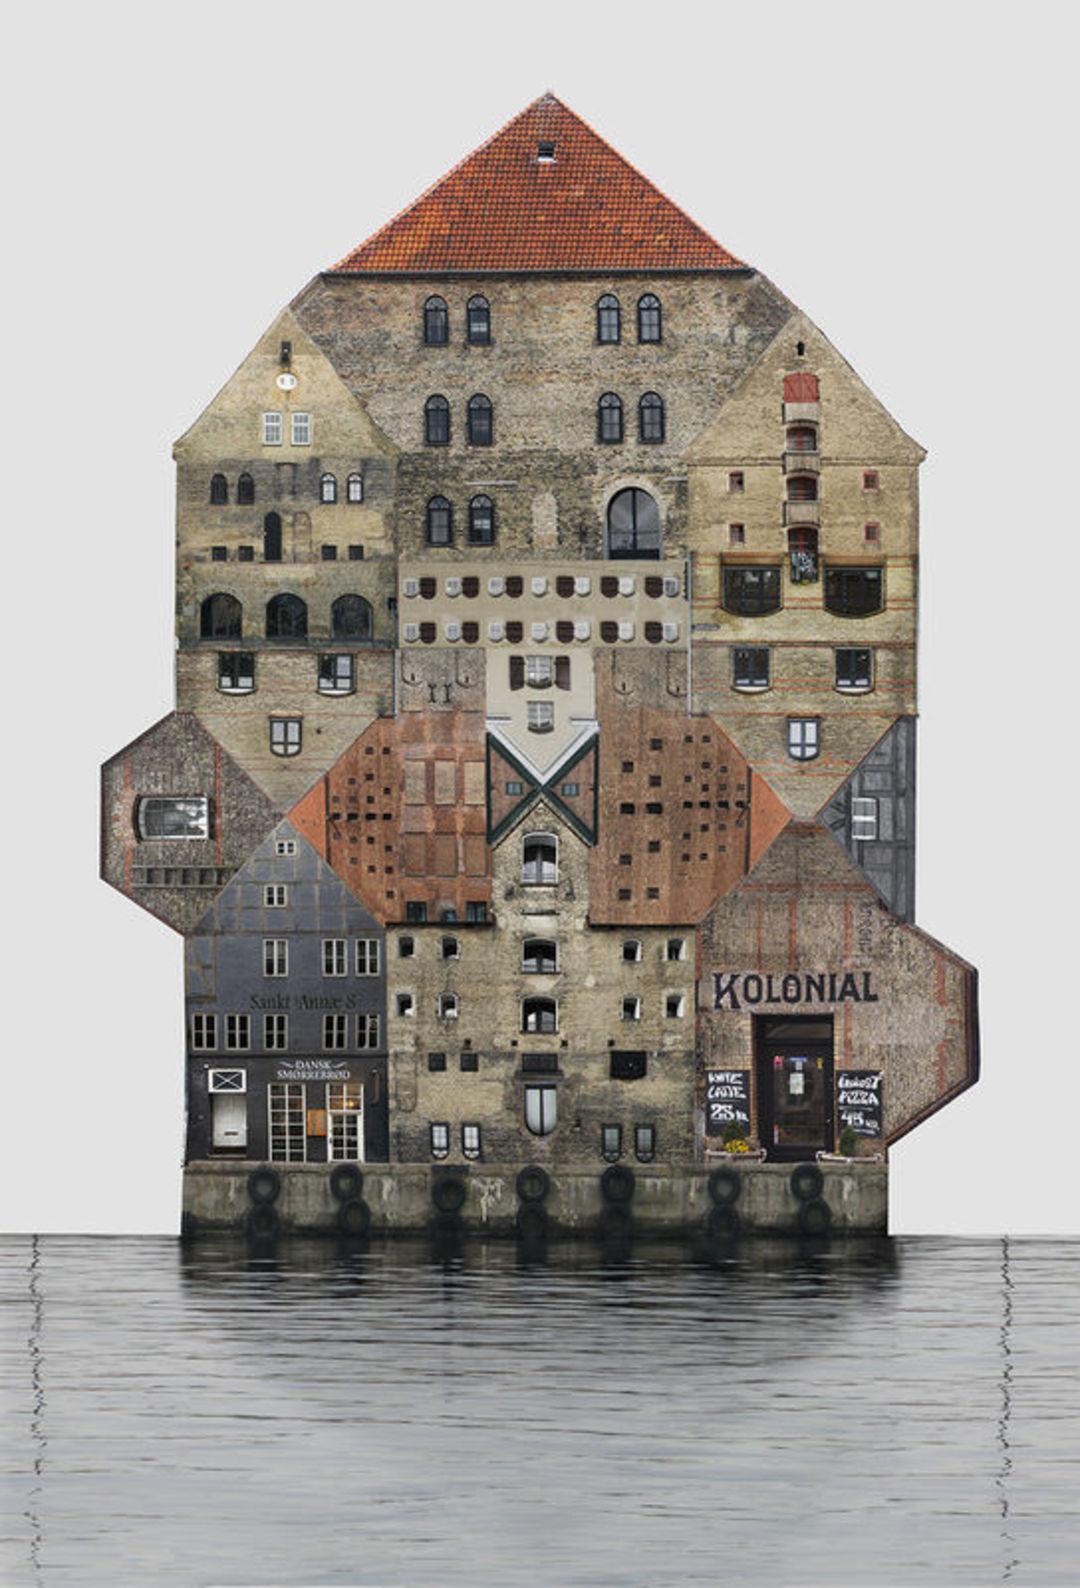 把一座城市里房子的外墙拍下来,拼贴成一座建筑_设计_好奇心日报